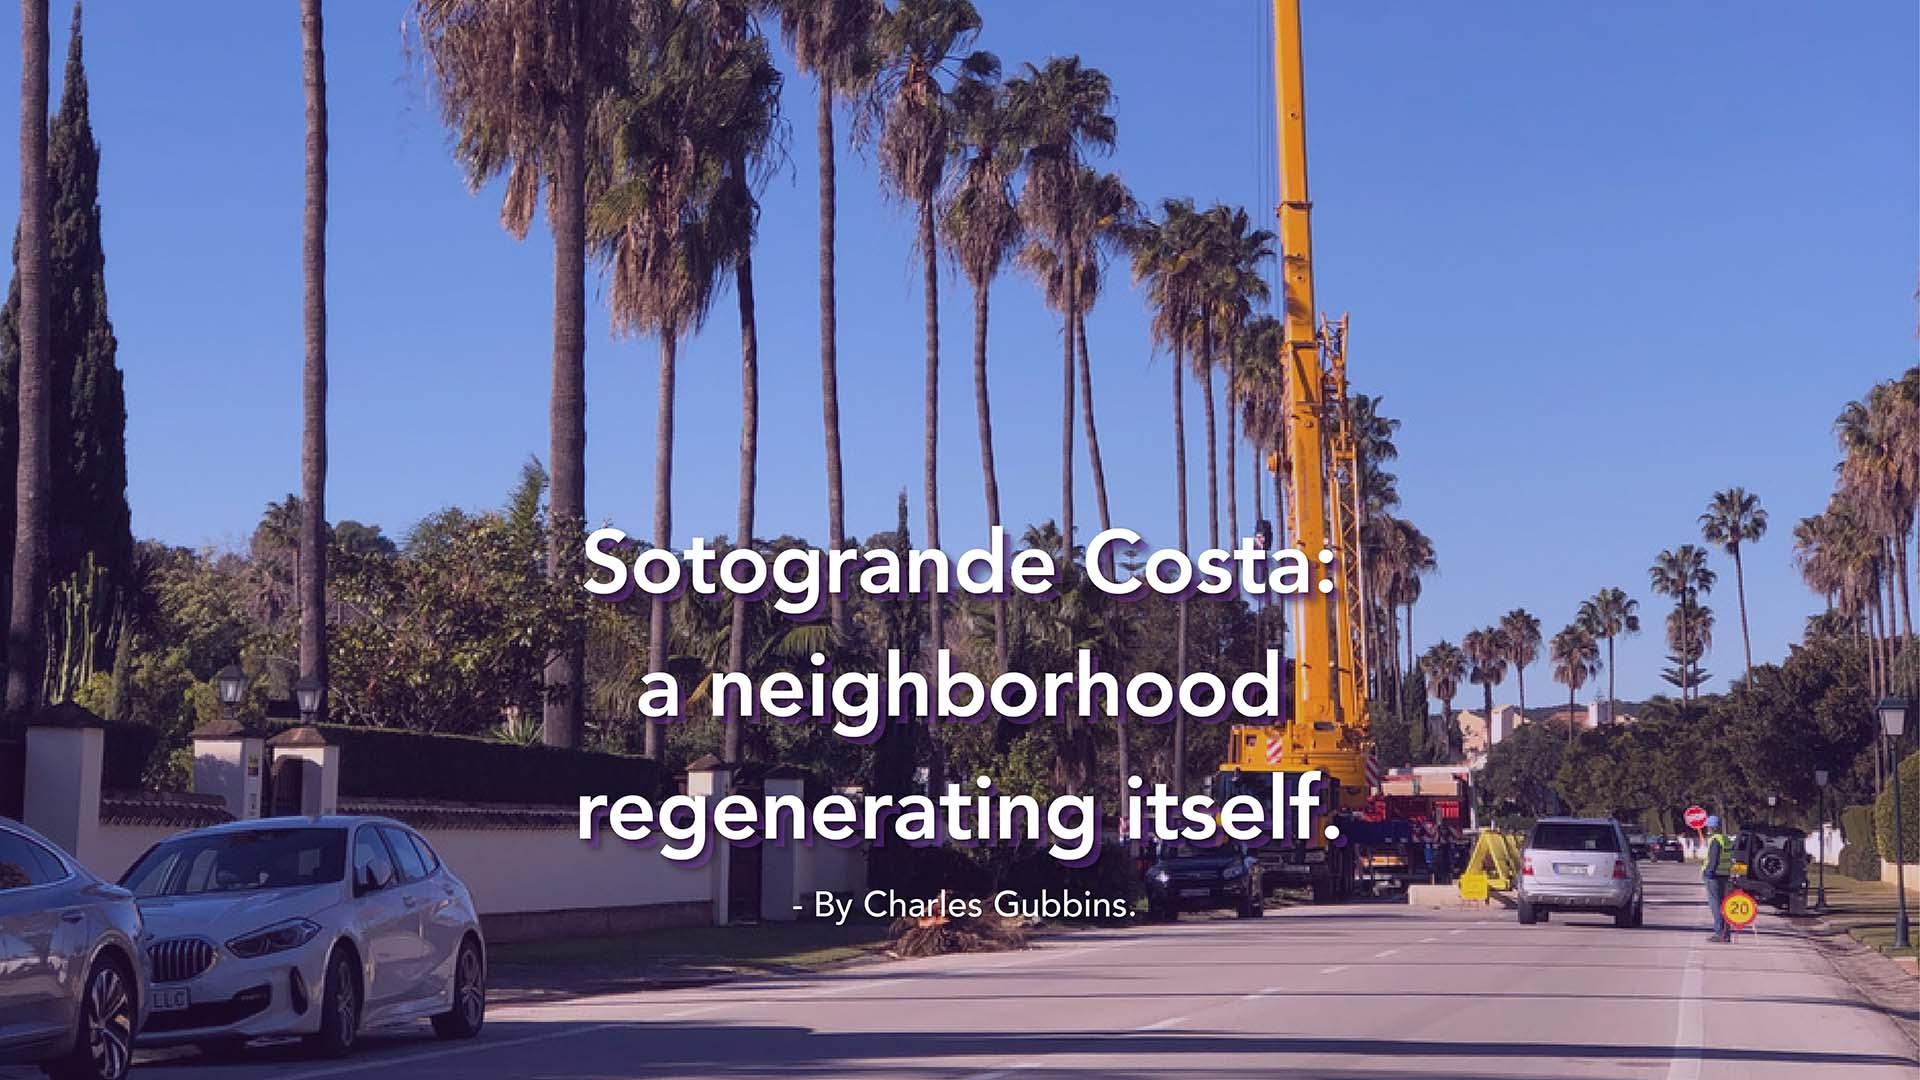 noll-sotogrande-costa-constructions-real-estate-blog-jan-2021